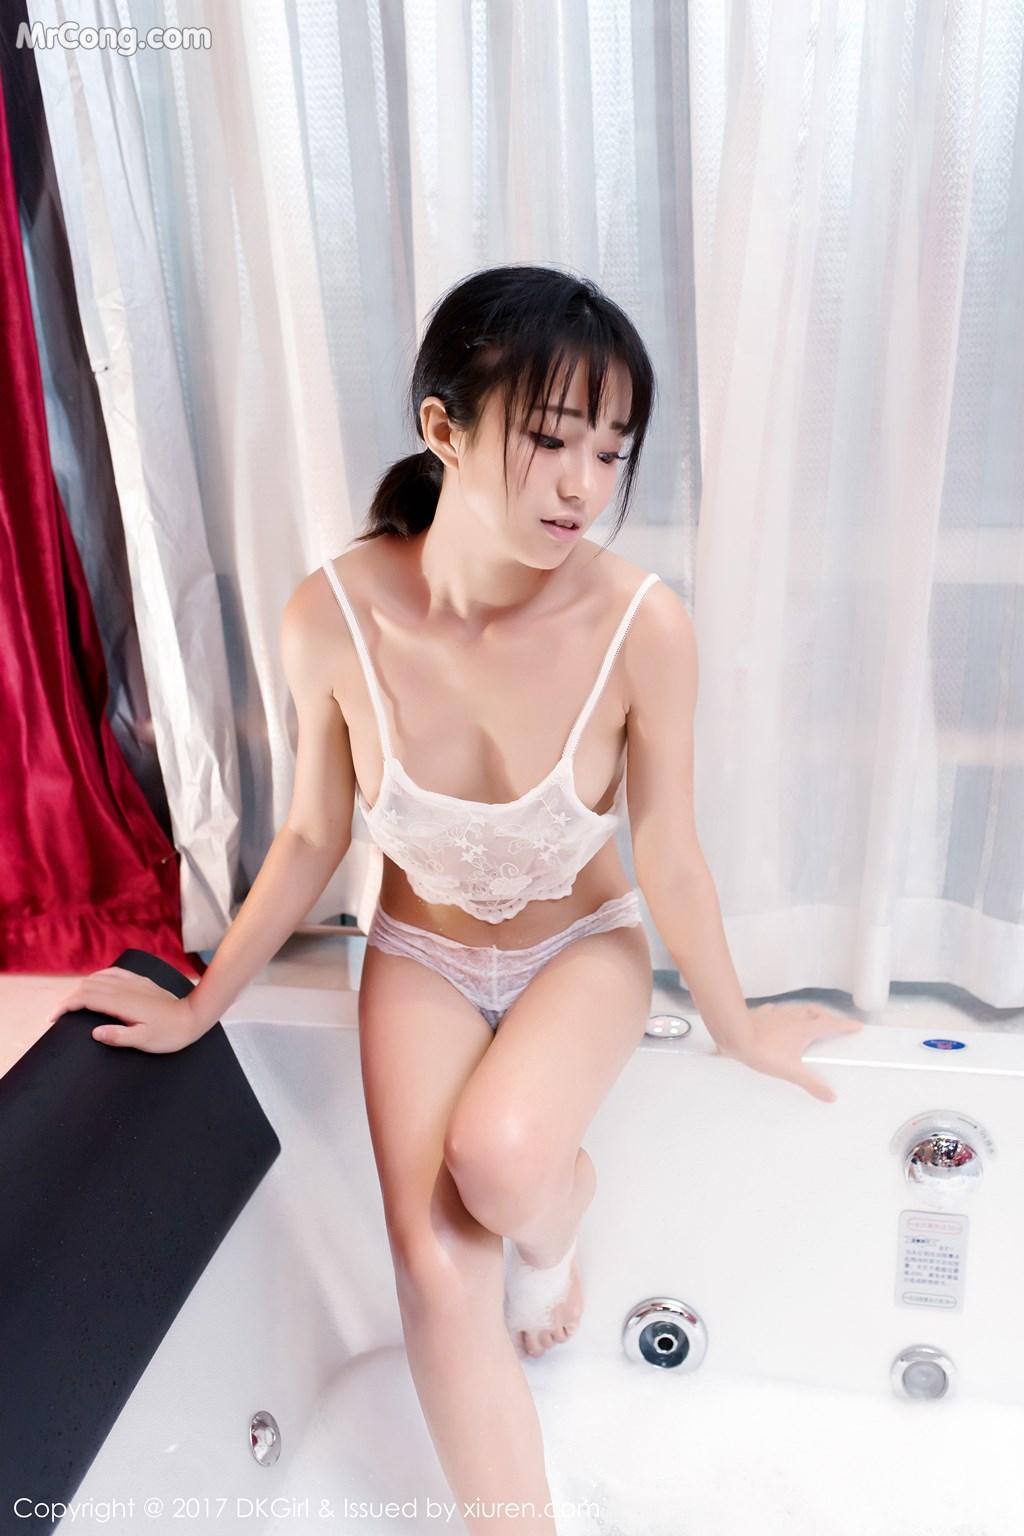 Image DKGirl-Vol.046-Cang-Jing-You-Xiang-MrCong.com-037 in post DKGirl Vol.046: Người mẫu Cang Jing You Xiang (仓井优香) (57 ảnh)